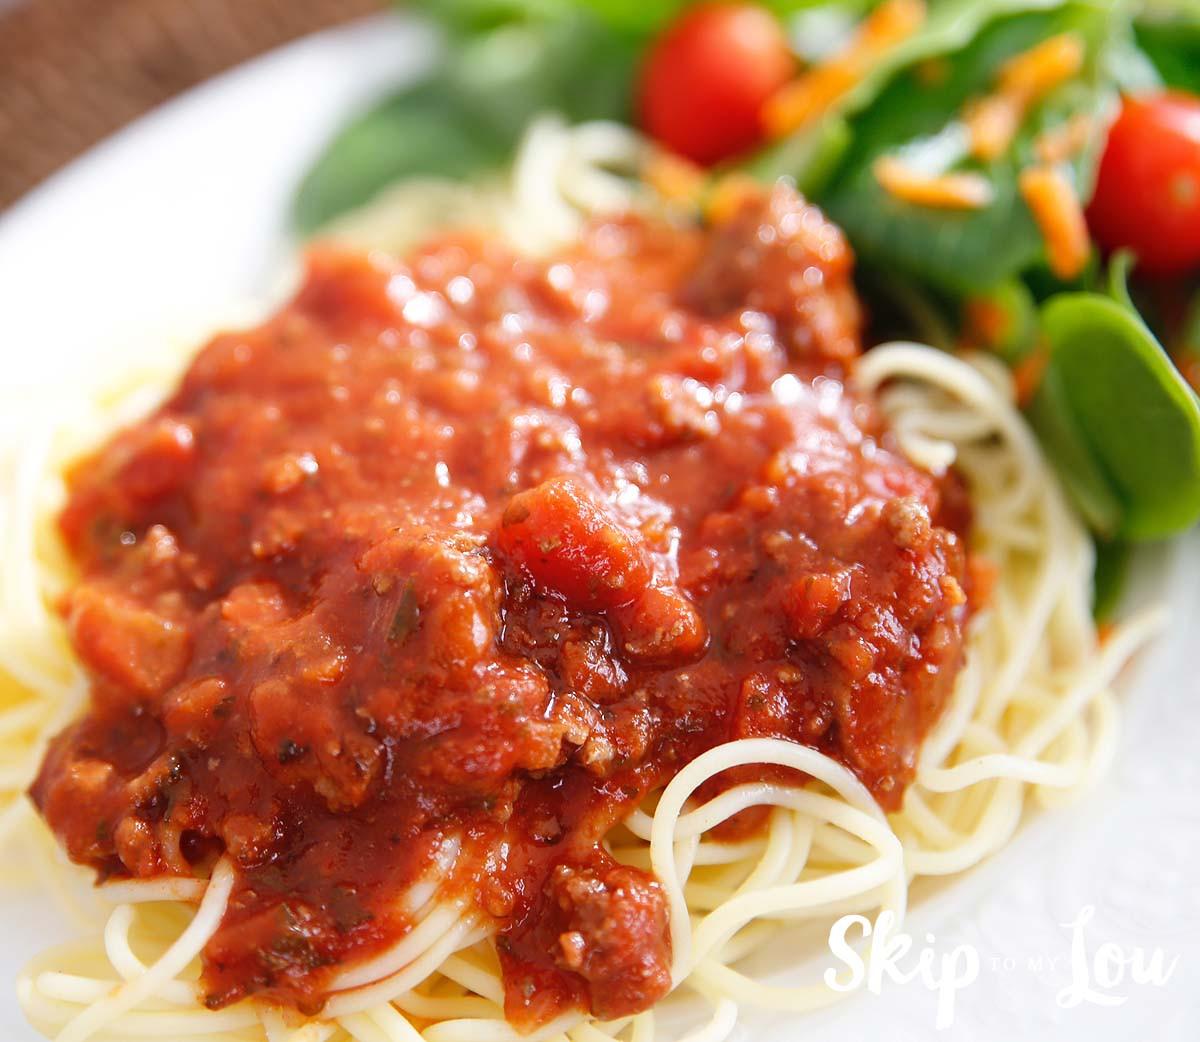 Pressure Cooker Spaghetti  Instant Pot Pressure Cooker Spaghetti Sauce